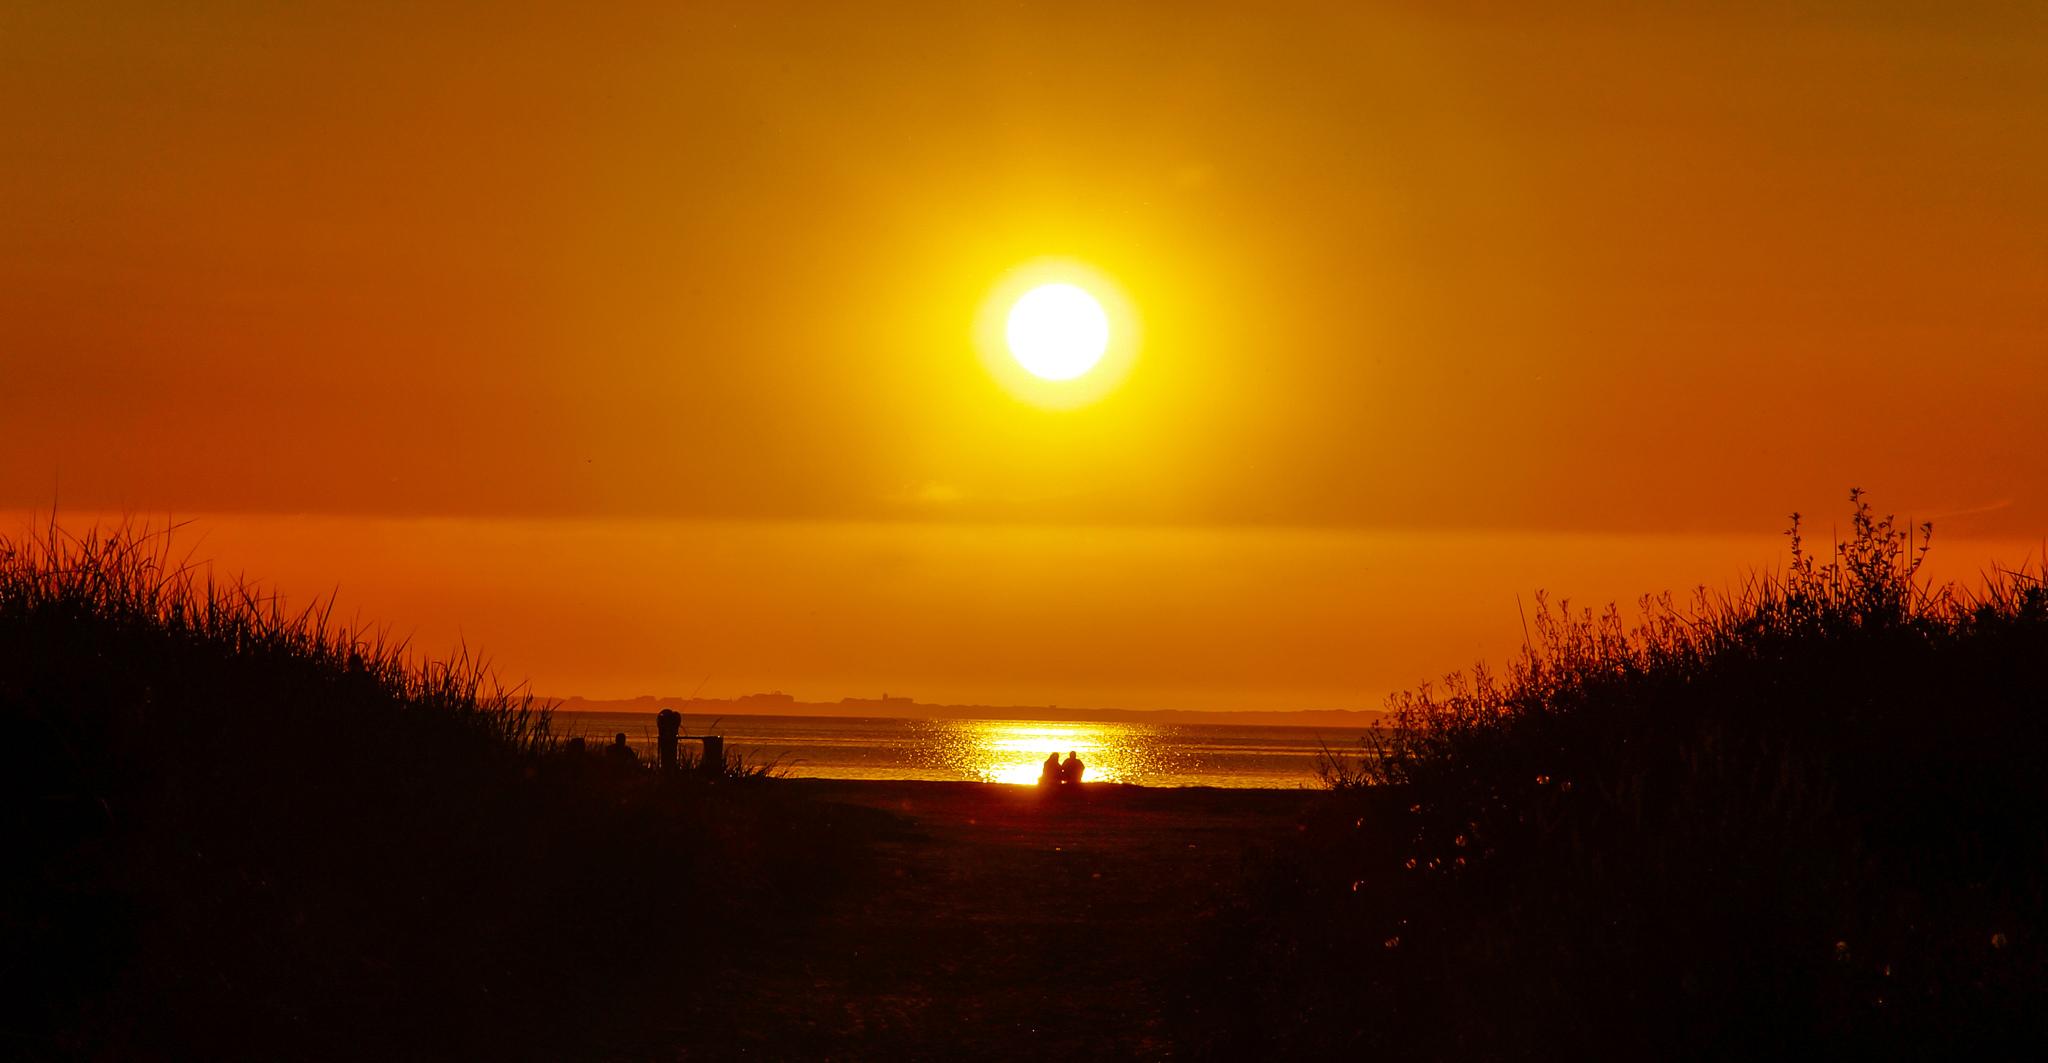 Mein erster Tag an der Nordsee war ein Traum.